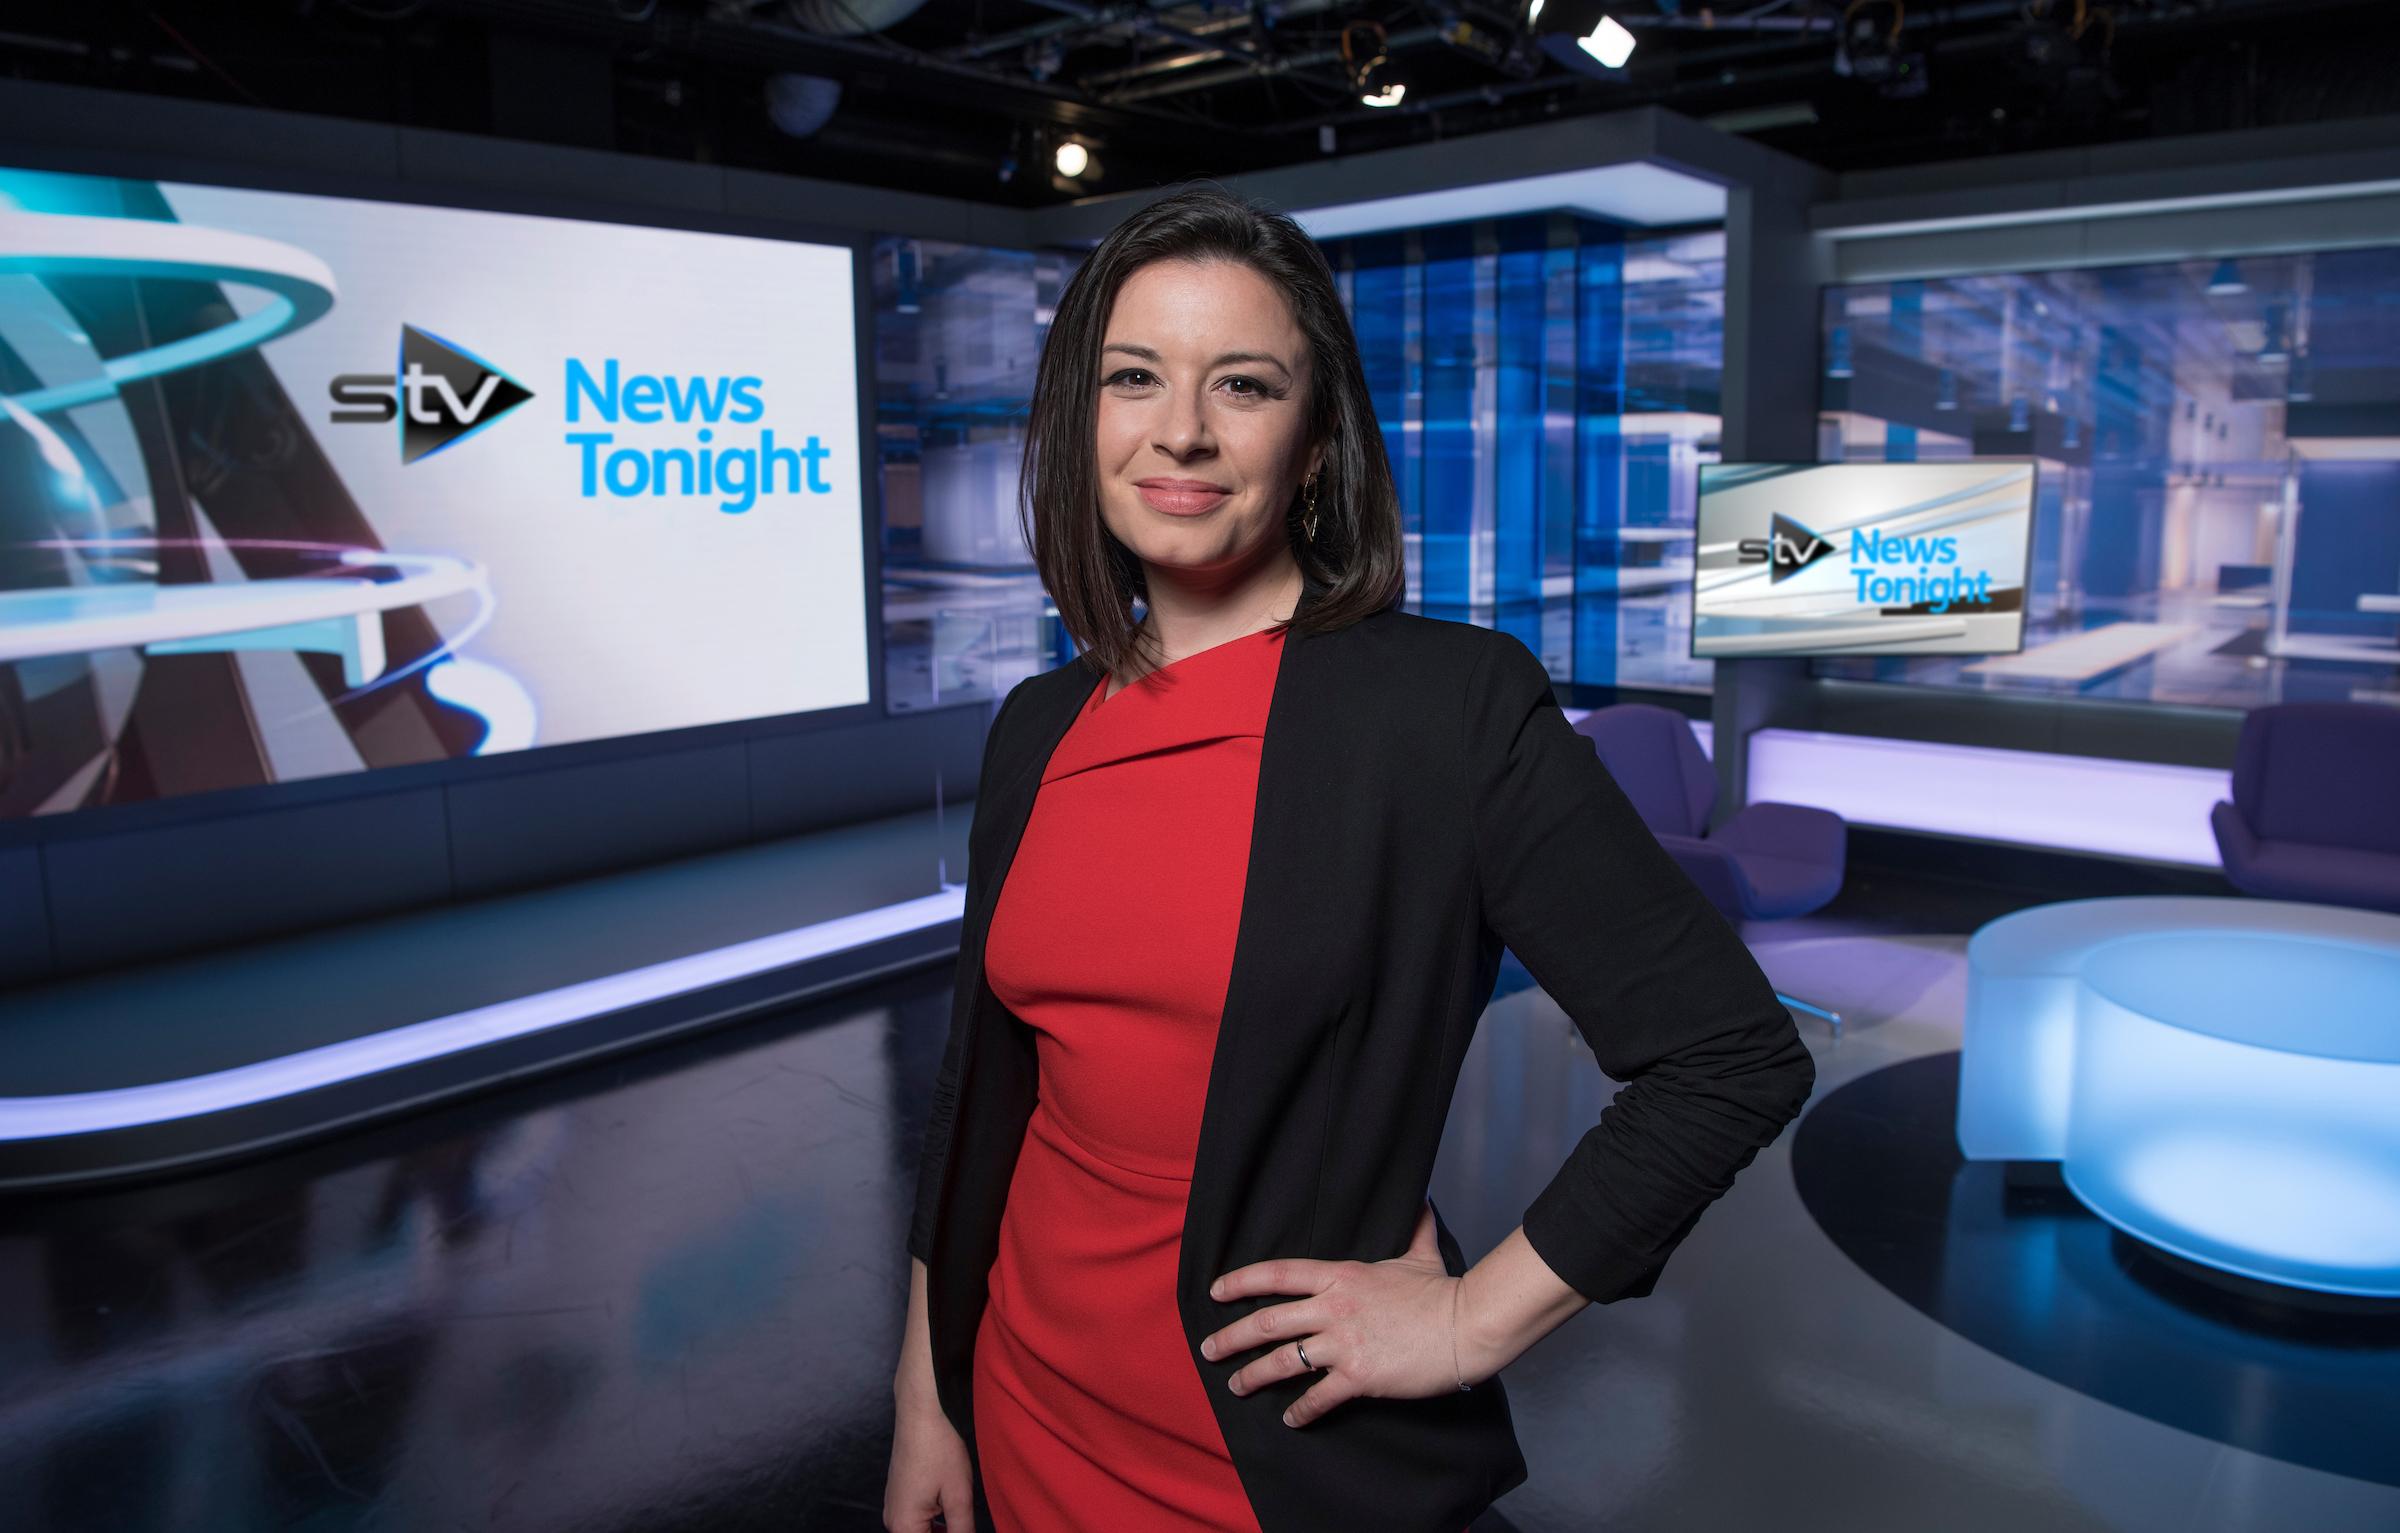 STV News Tonight - Halla Mohieddeen_new